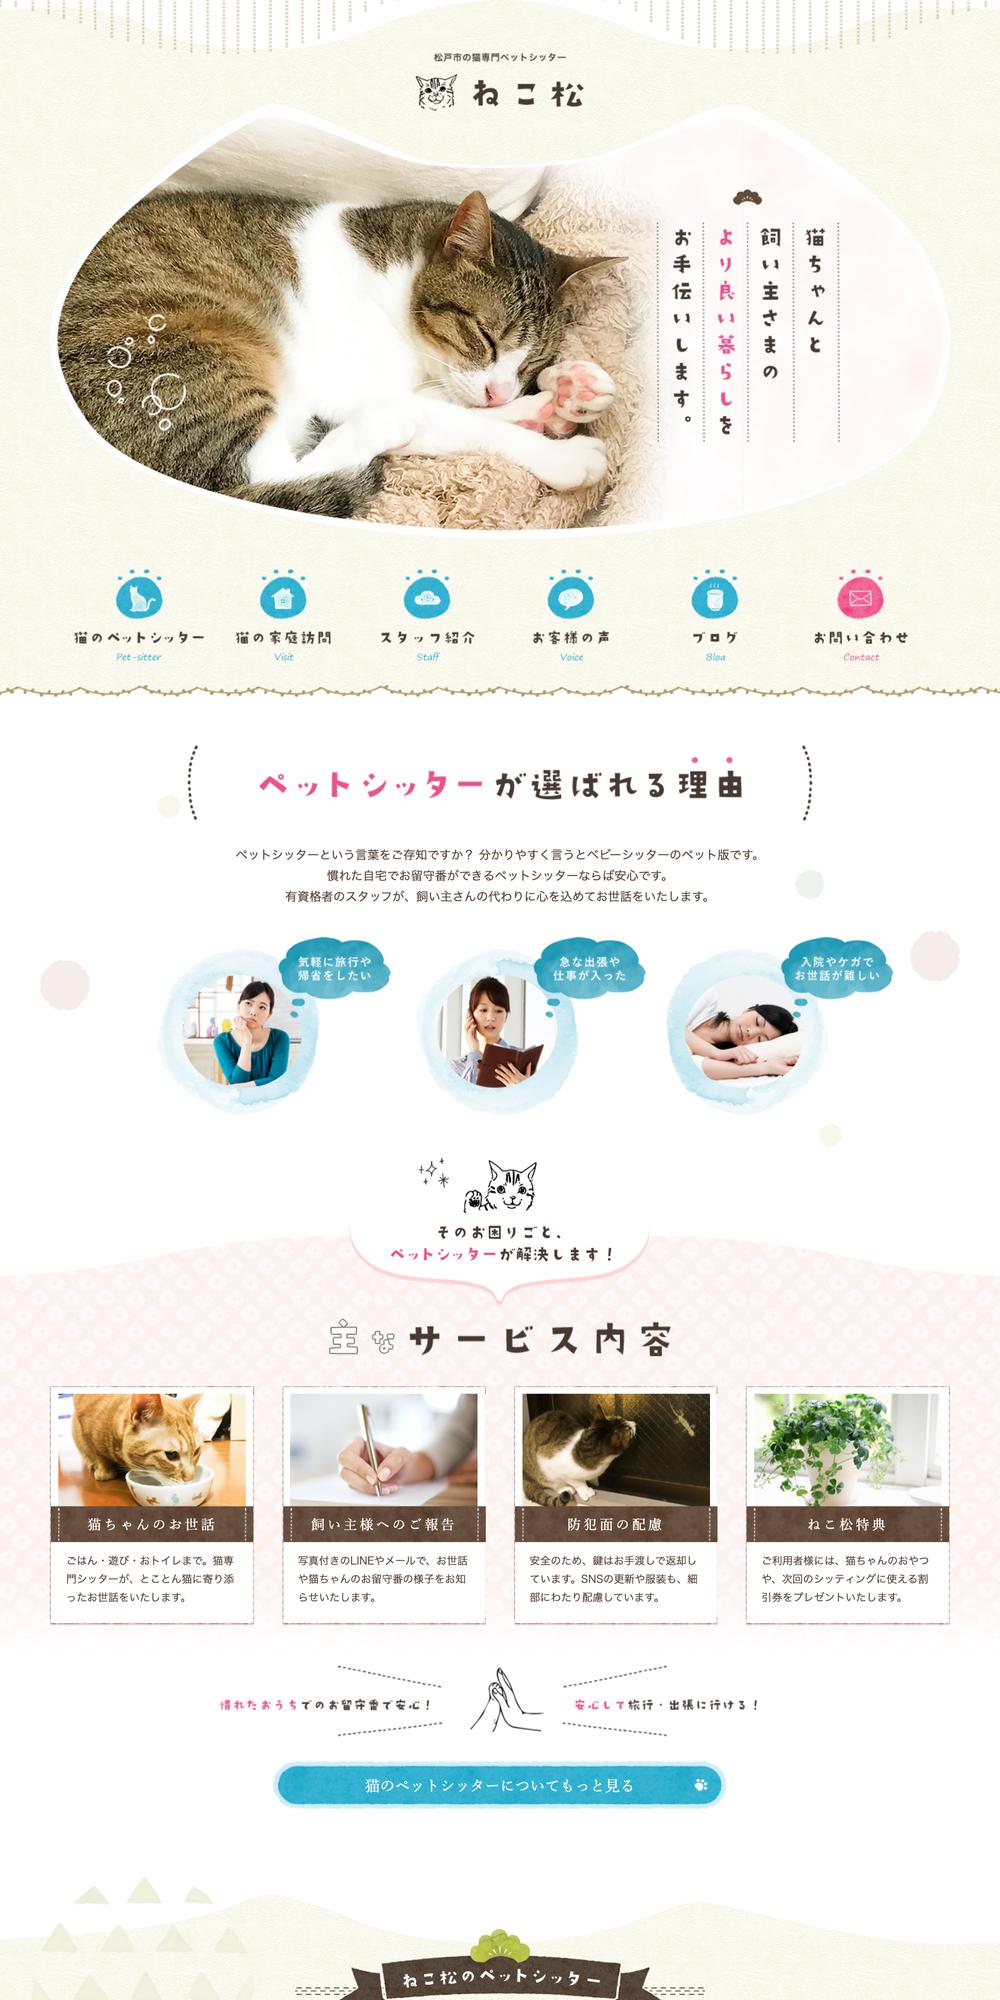 Webデザイン おしゃれまとめの人気アイデア Pinterest Ririko パンフレット デザイン Lp デザイン 医療デザイン